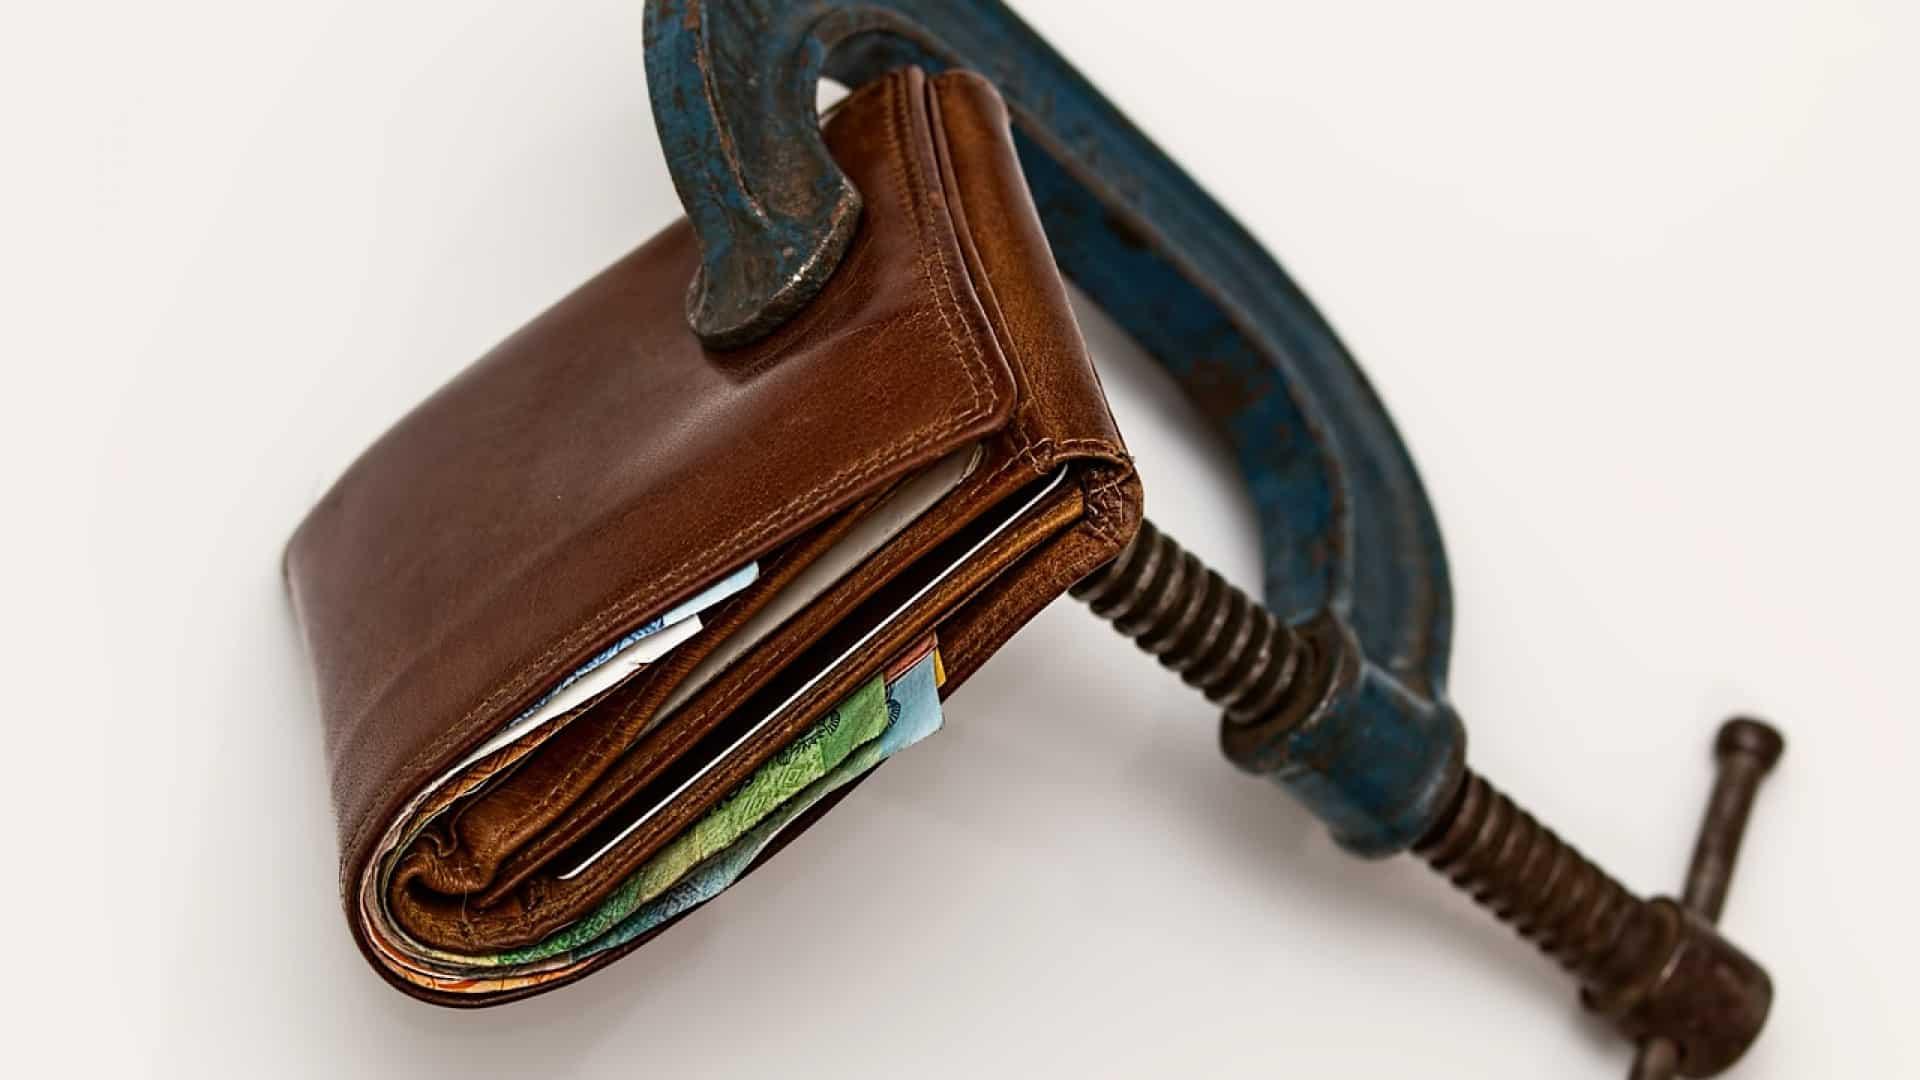 Comment améliorer sa situation financière pendant la crise du covid-19?